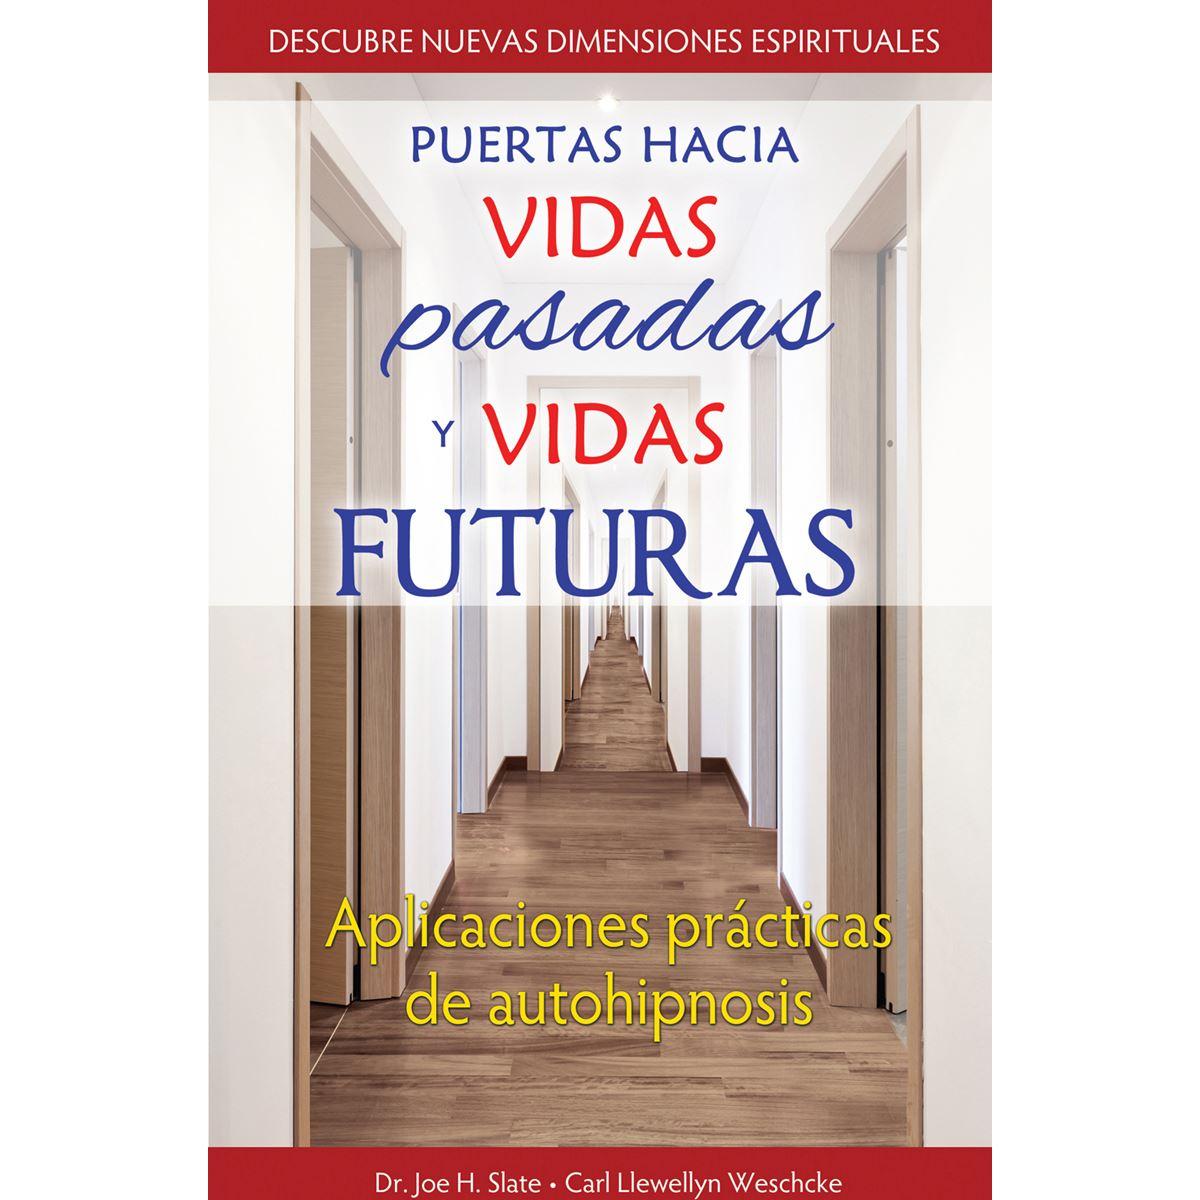 Puertas hacia vidas pasadas y vidas futuras